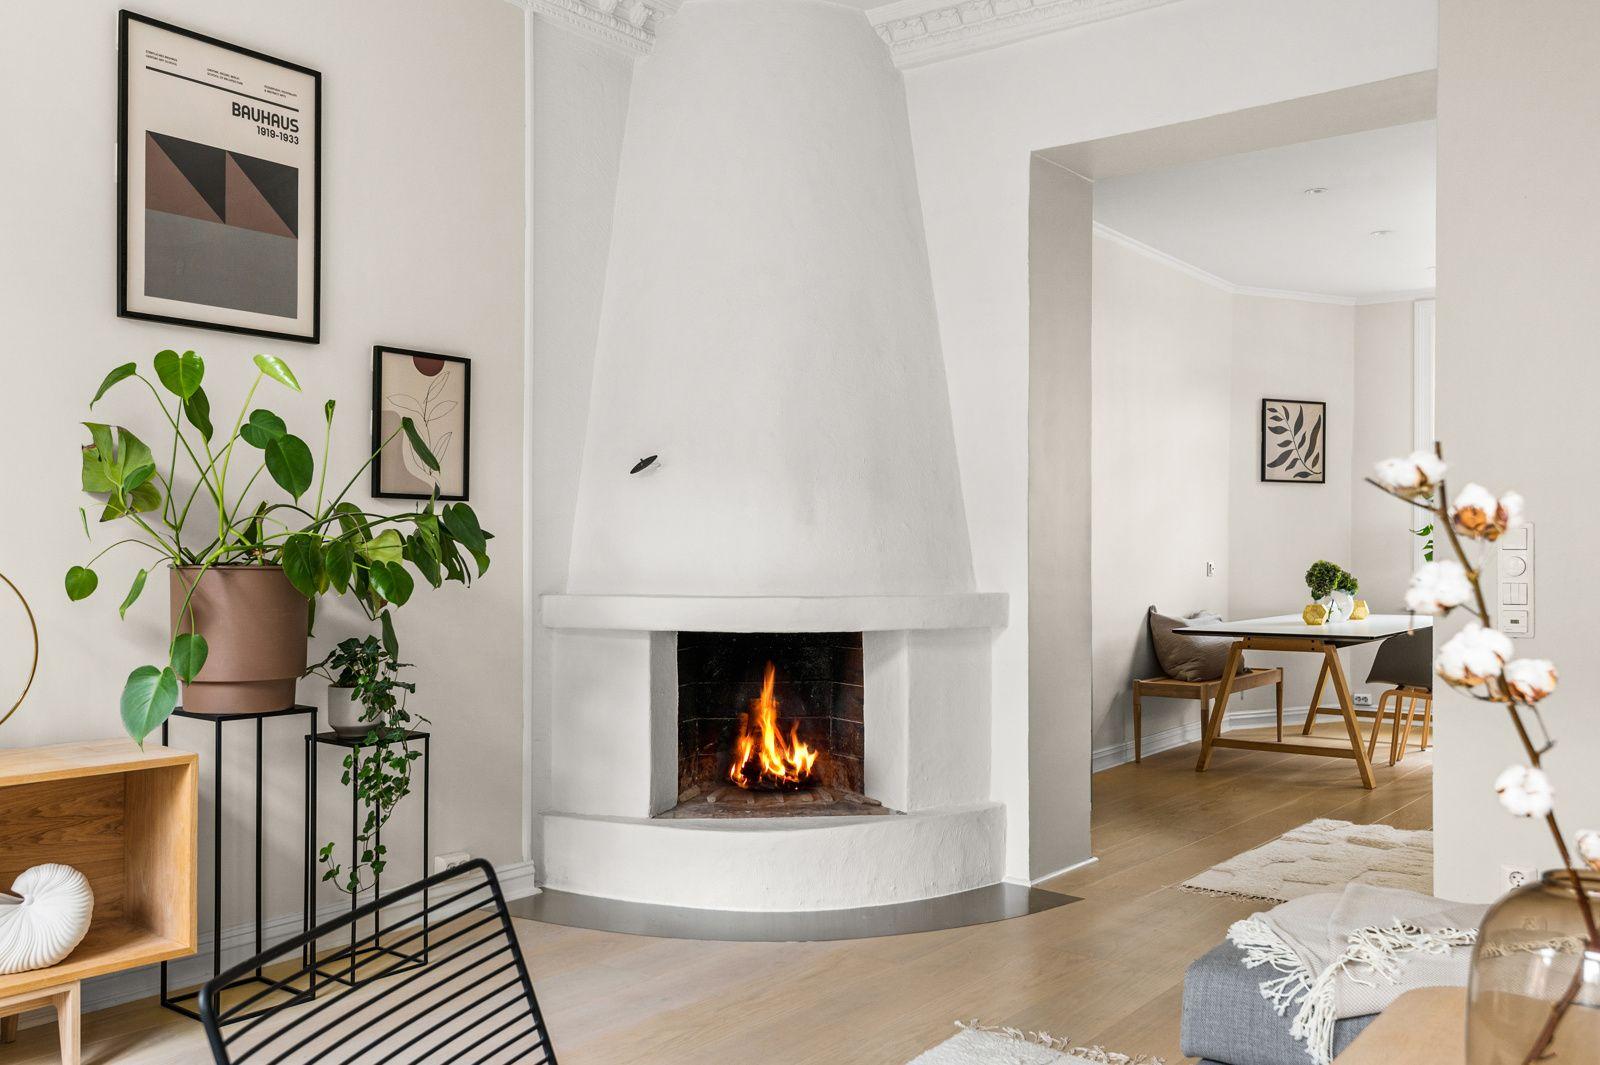 Paulus' plass 3 B Kjøkkenet ligger i et eget rom i naturlig tilknytning til stuen, adskilt og samtidig åpent og sosialt.